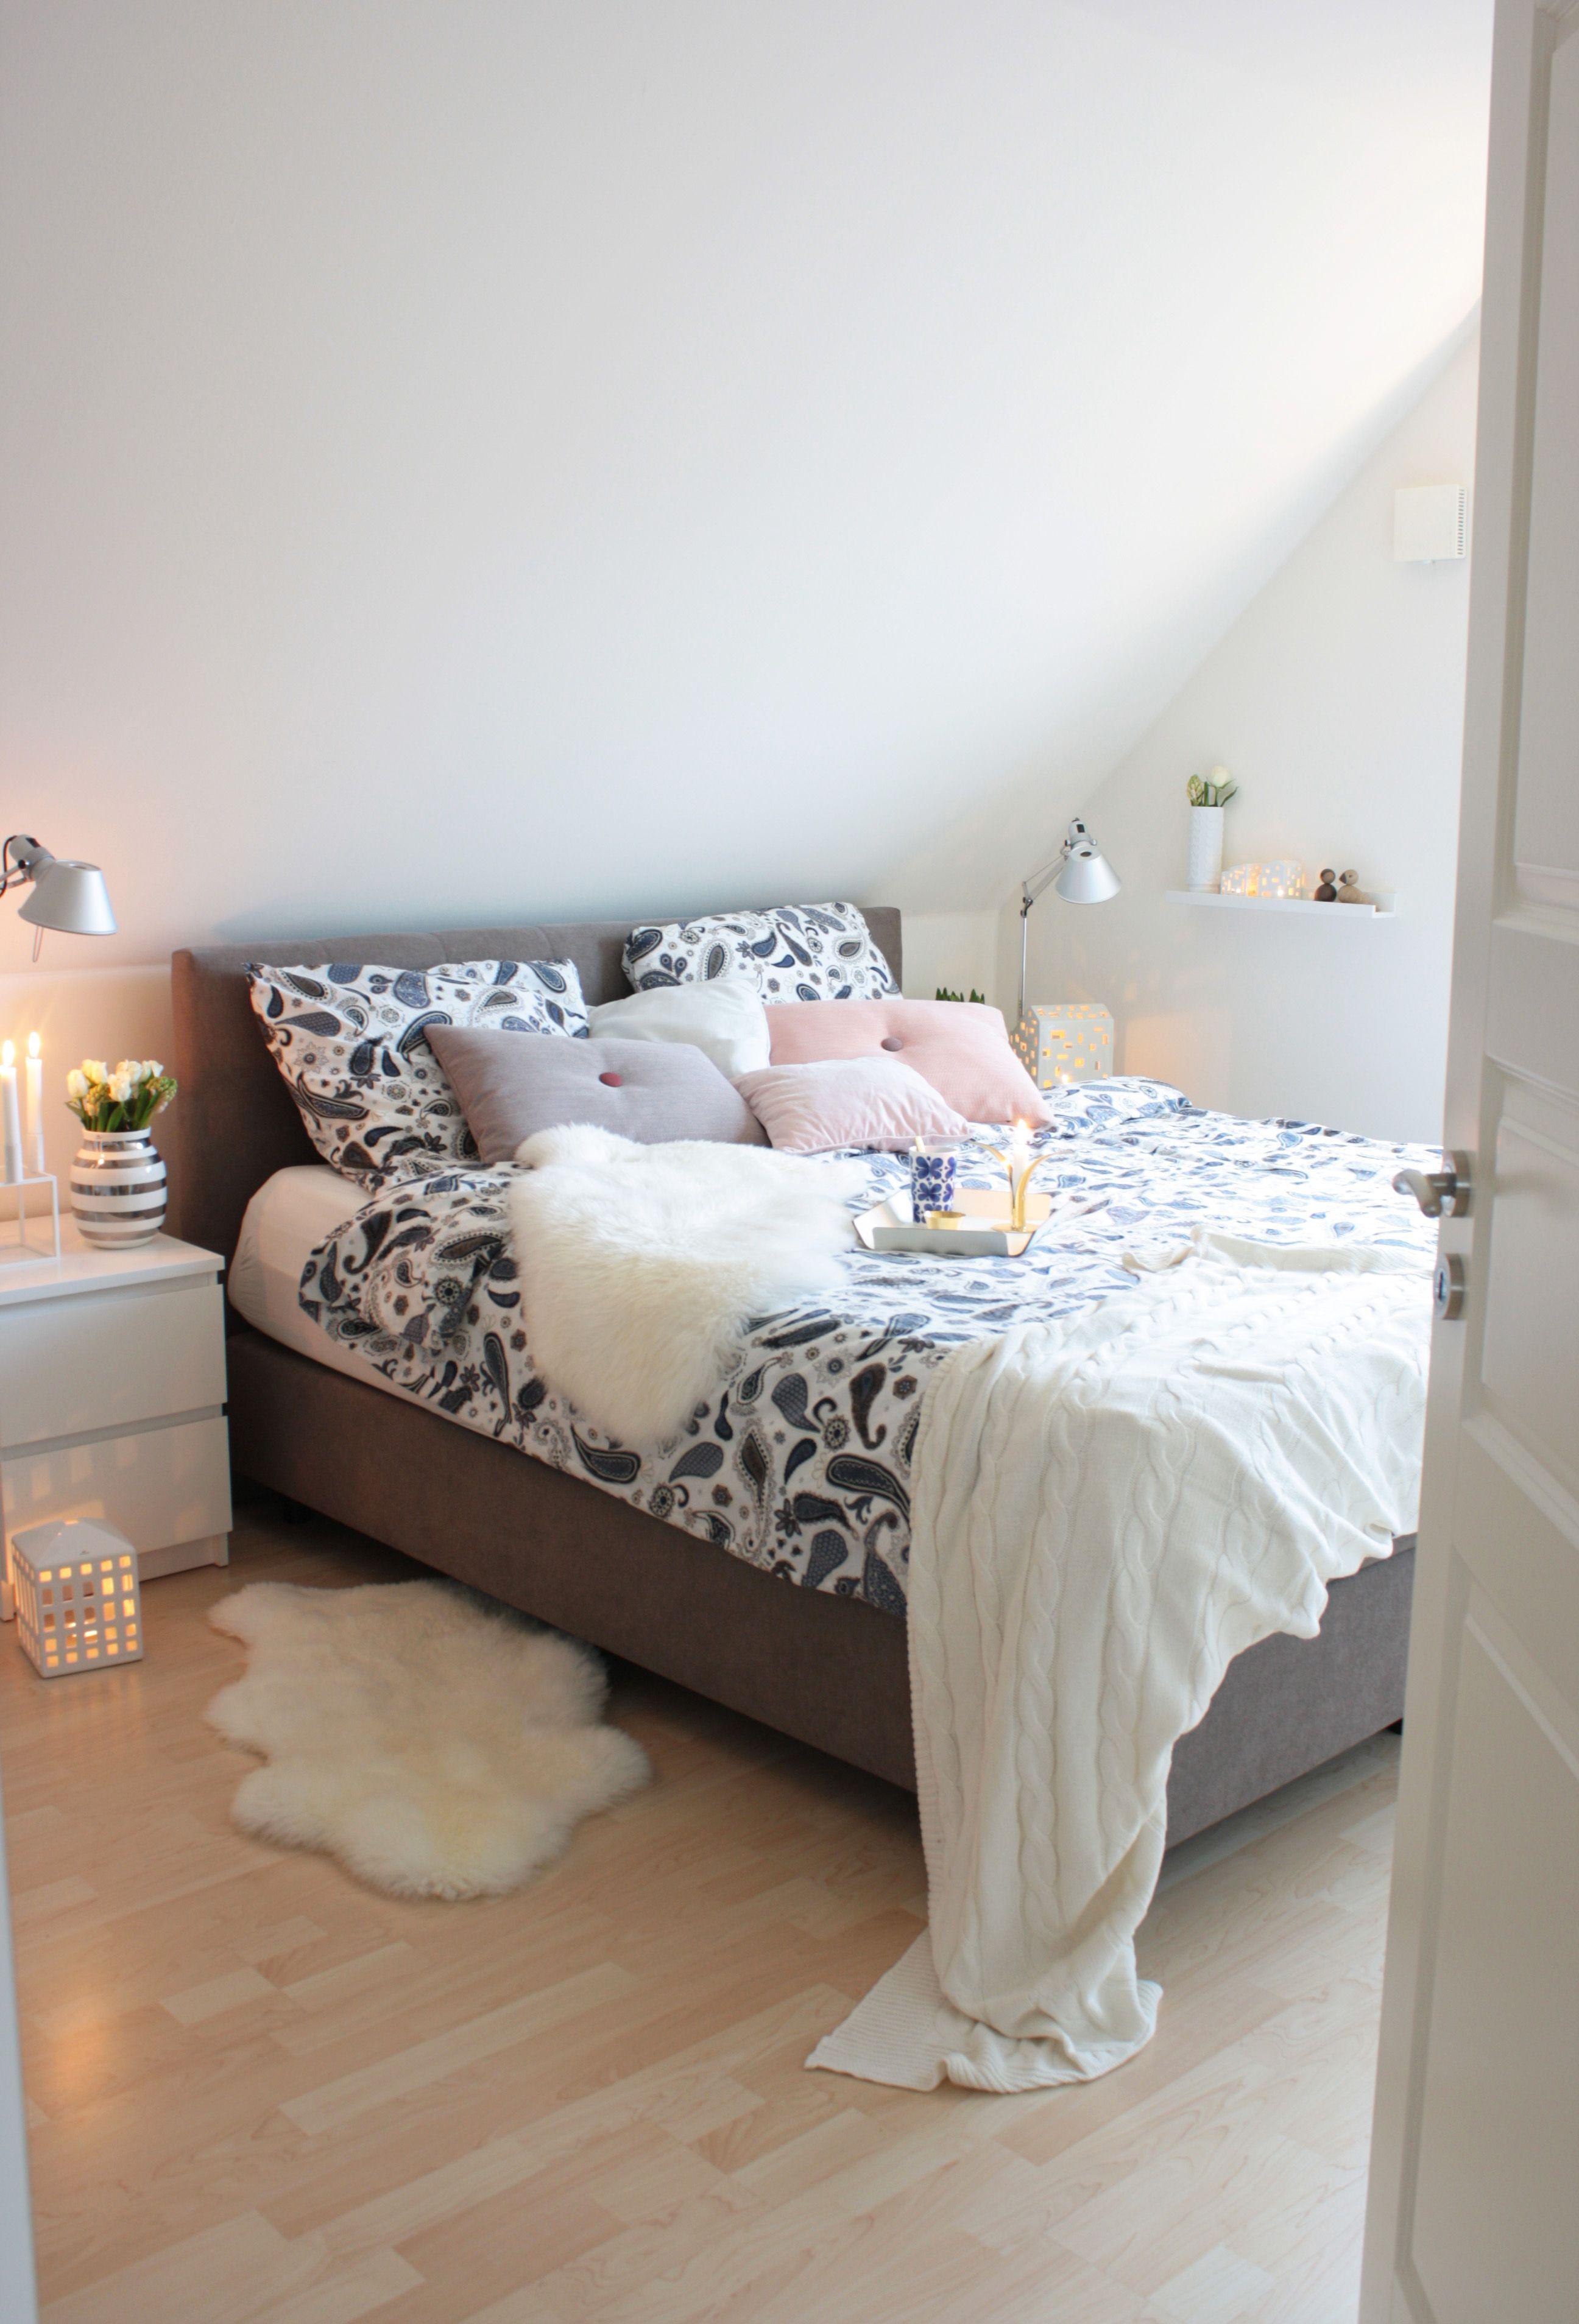 Neues schlafzimmer interieur schlafzimmer  einblicke bei matilda  bedrooms  pinterest